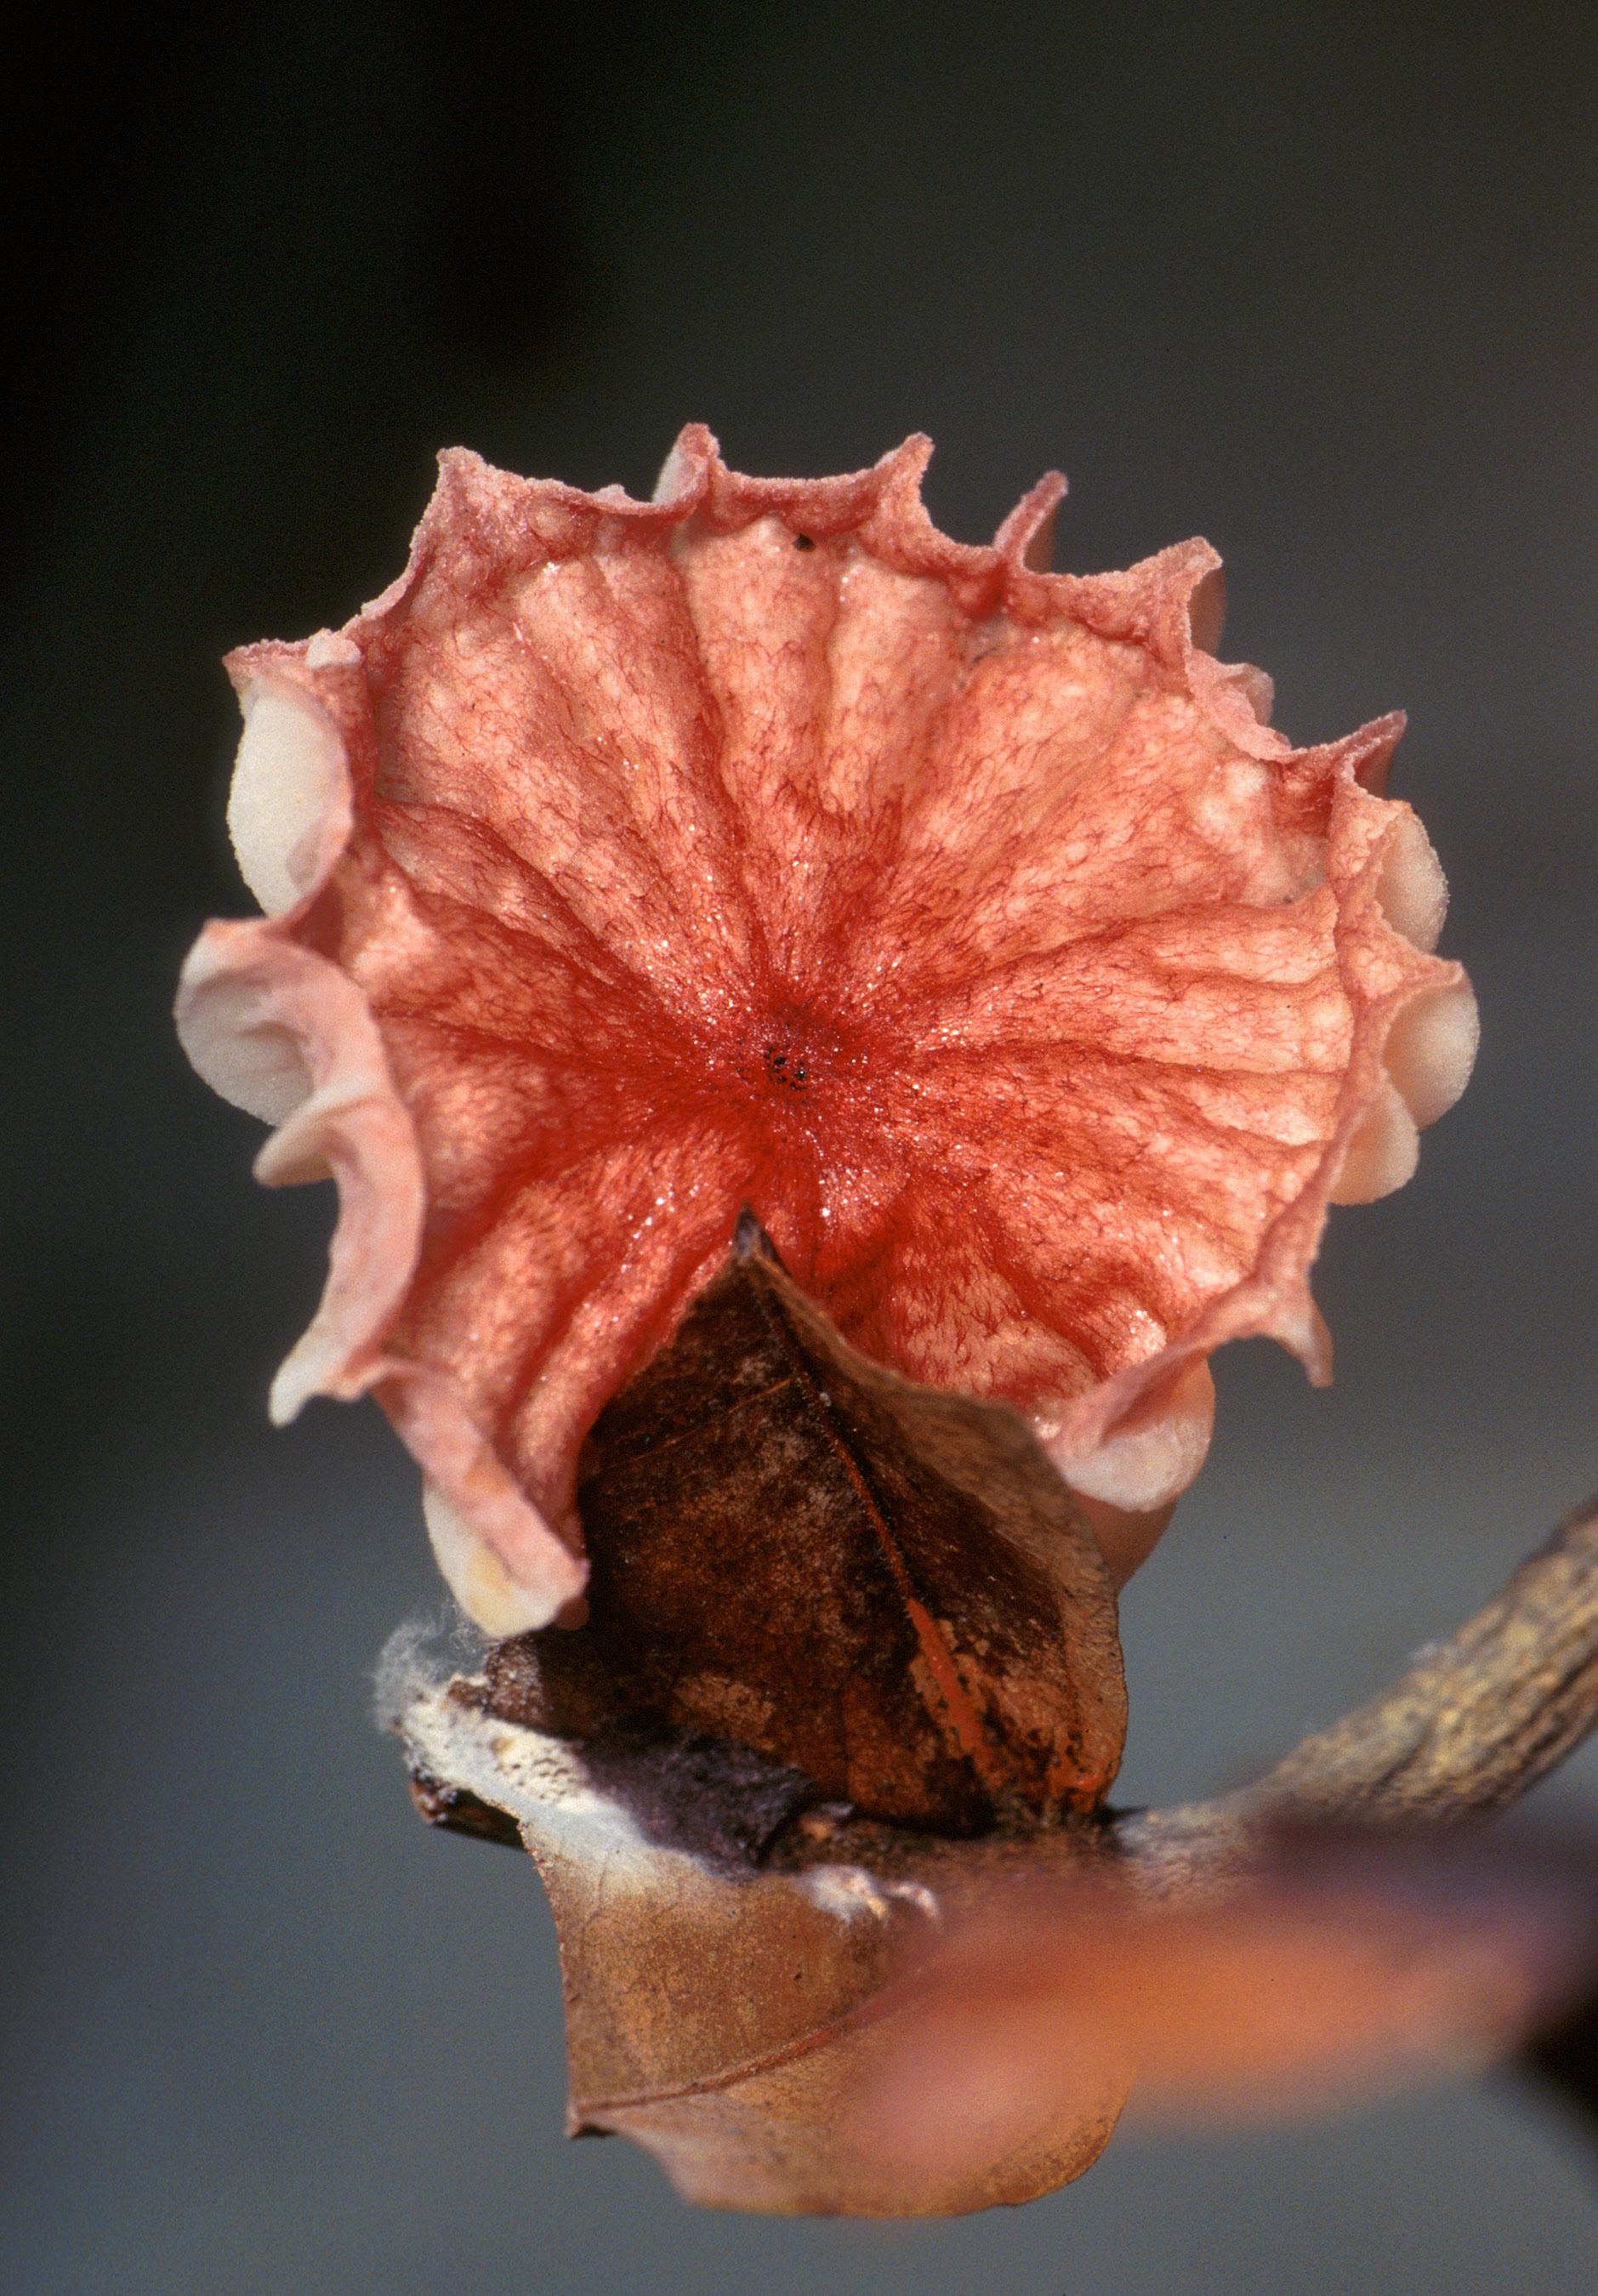 Crinipellis_perniciosa_mushroom